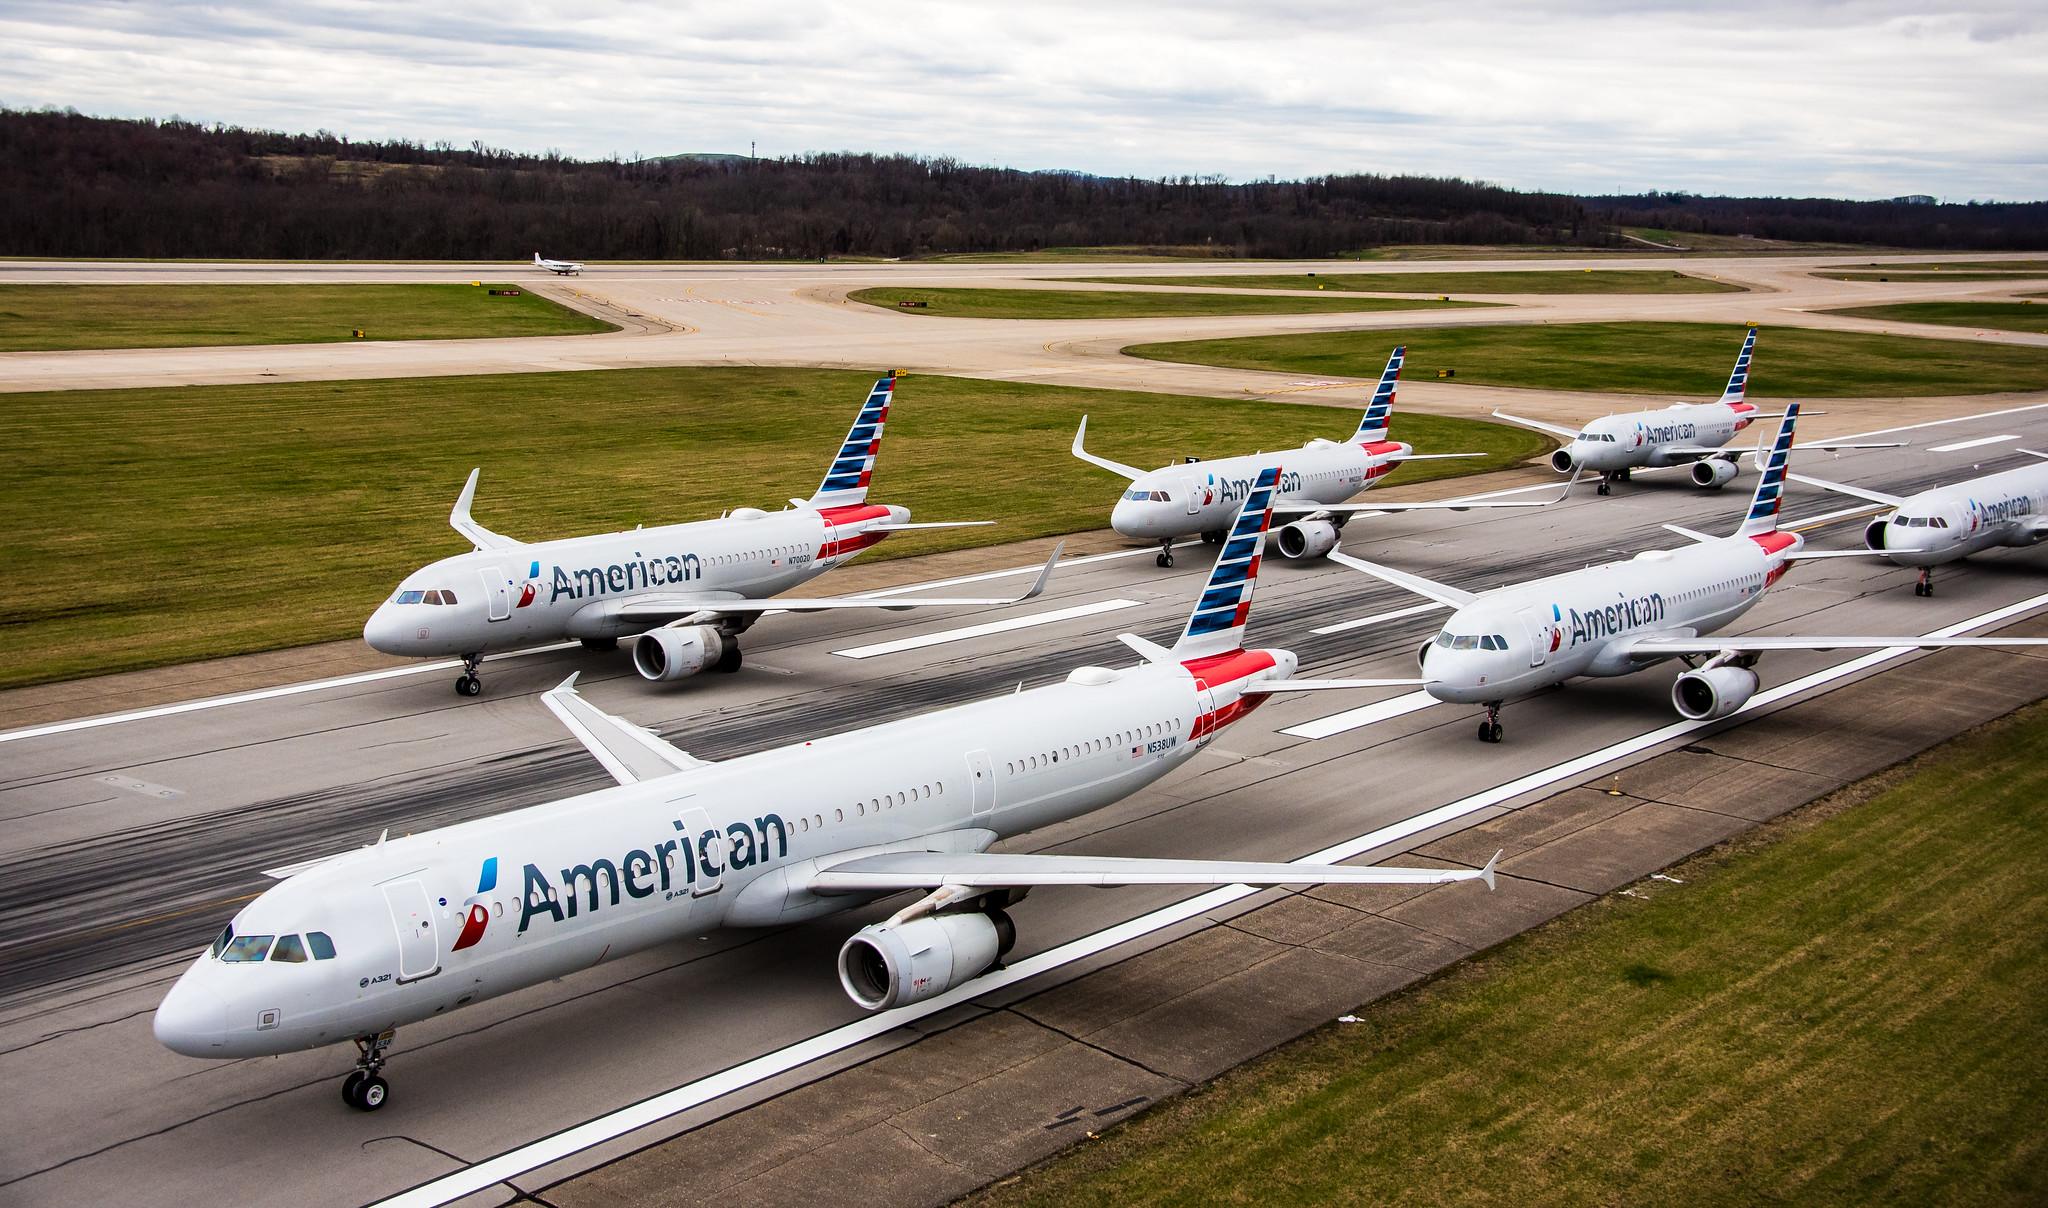 Photo: Pittsburgh International Airport.